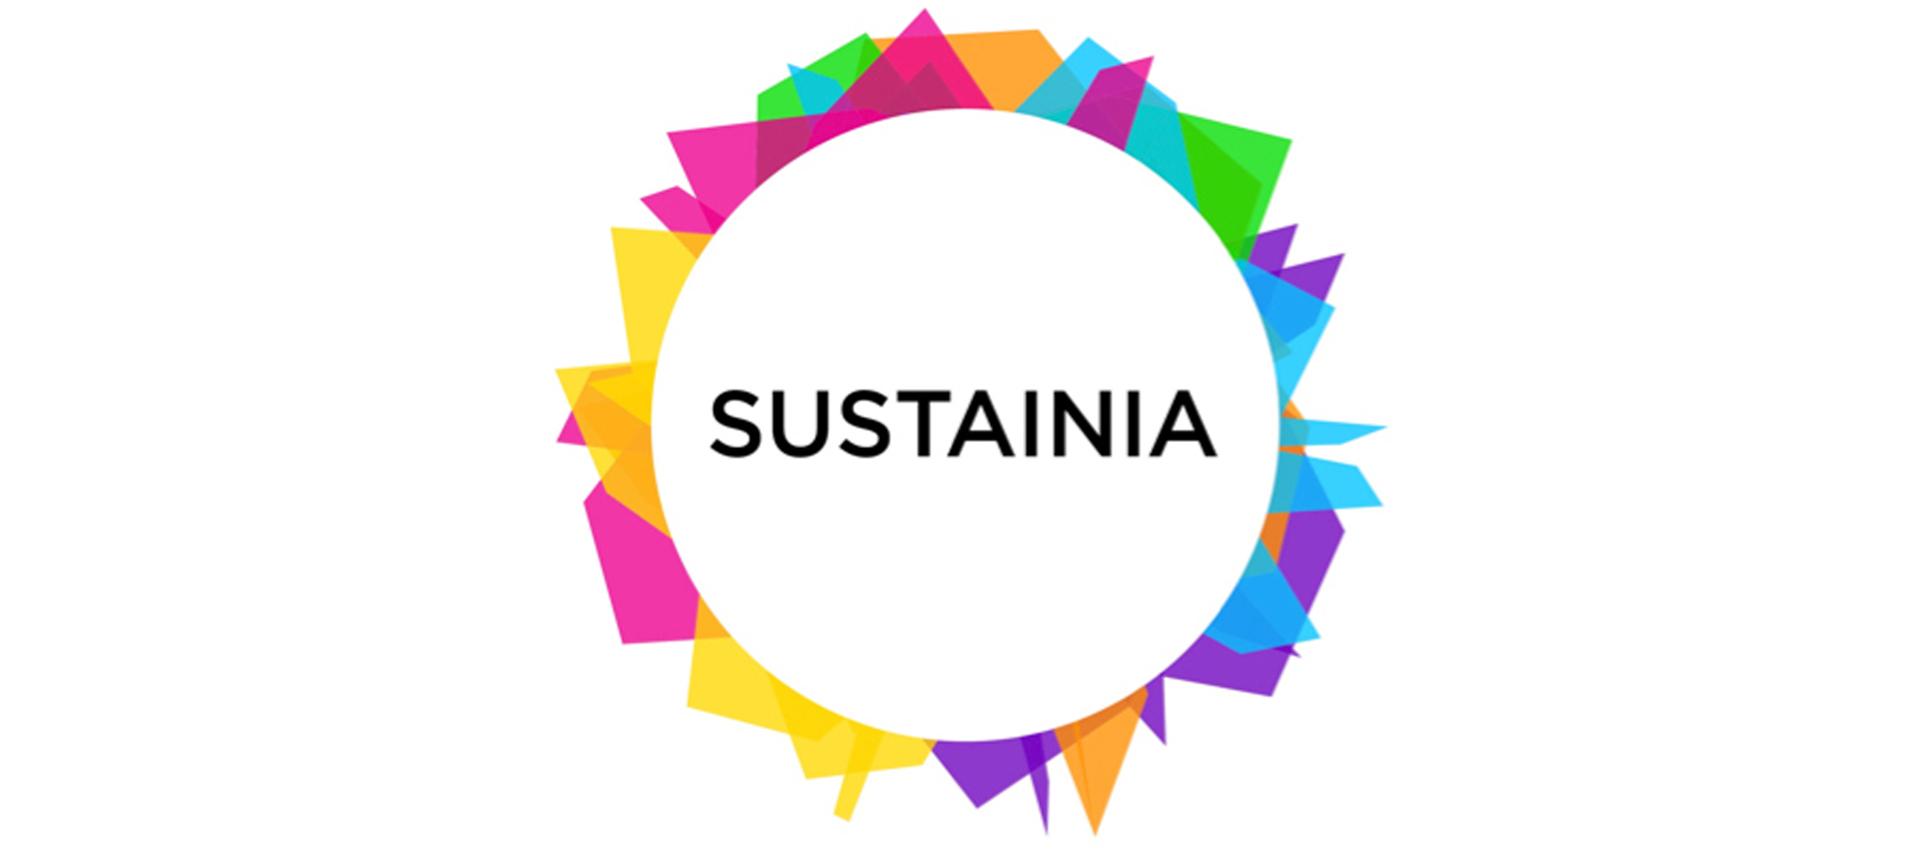 Sustainia_logo.jpg